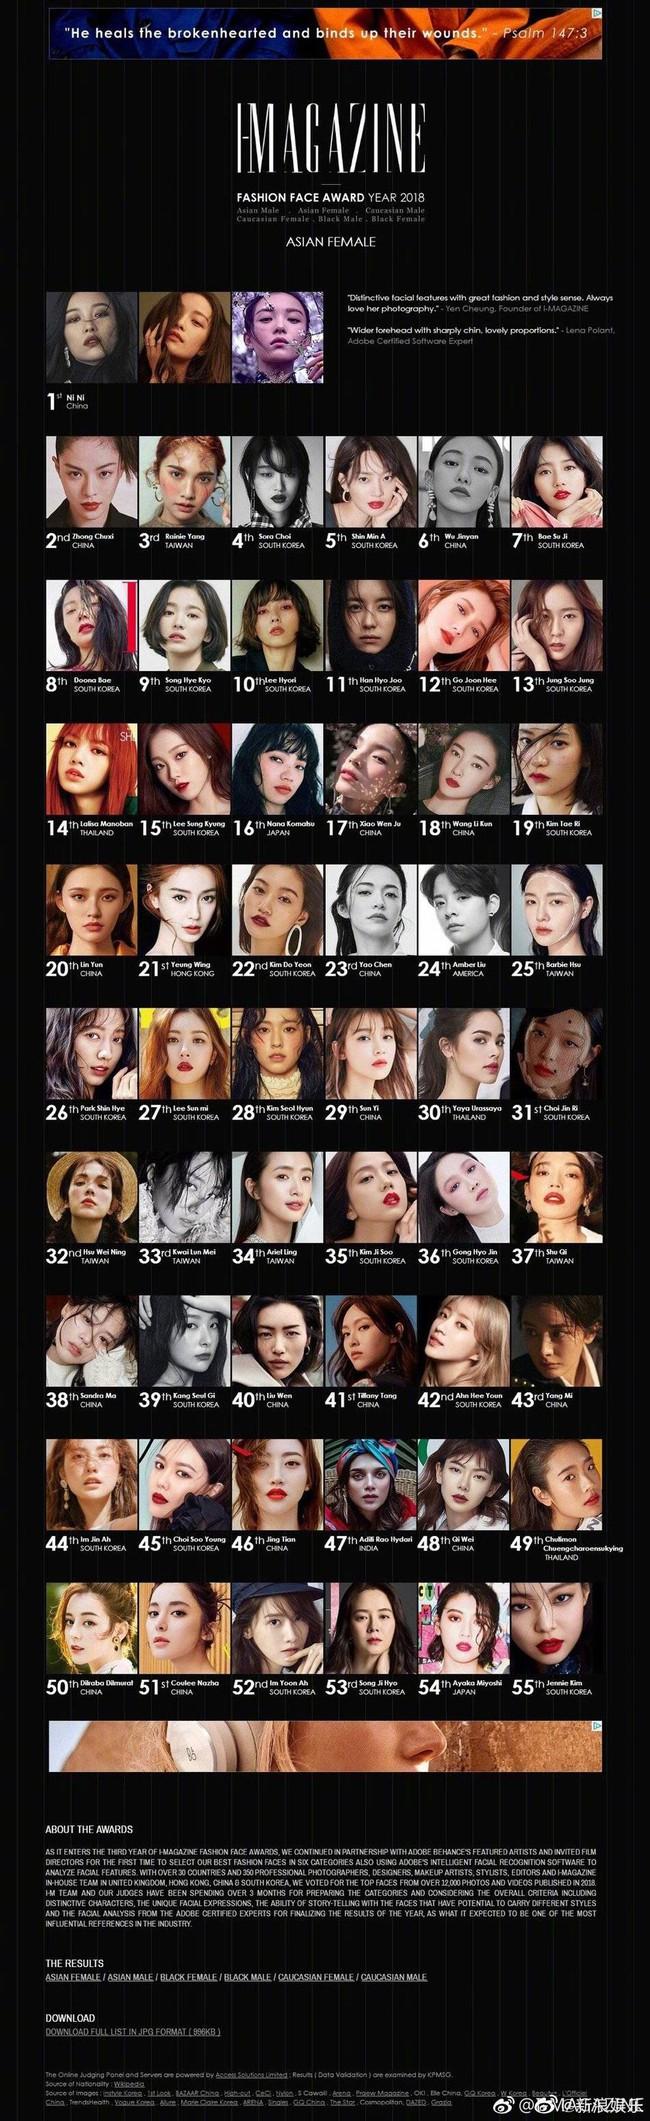 Song Hye Kyo đứng thứ 9 trong danh sách gương mặt thời trang nhất châu Á, nhưng người vượt cô để lên vị trí thứ 6 mới bất ngờ  - Ảnh 1.